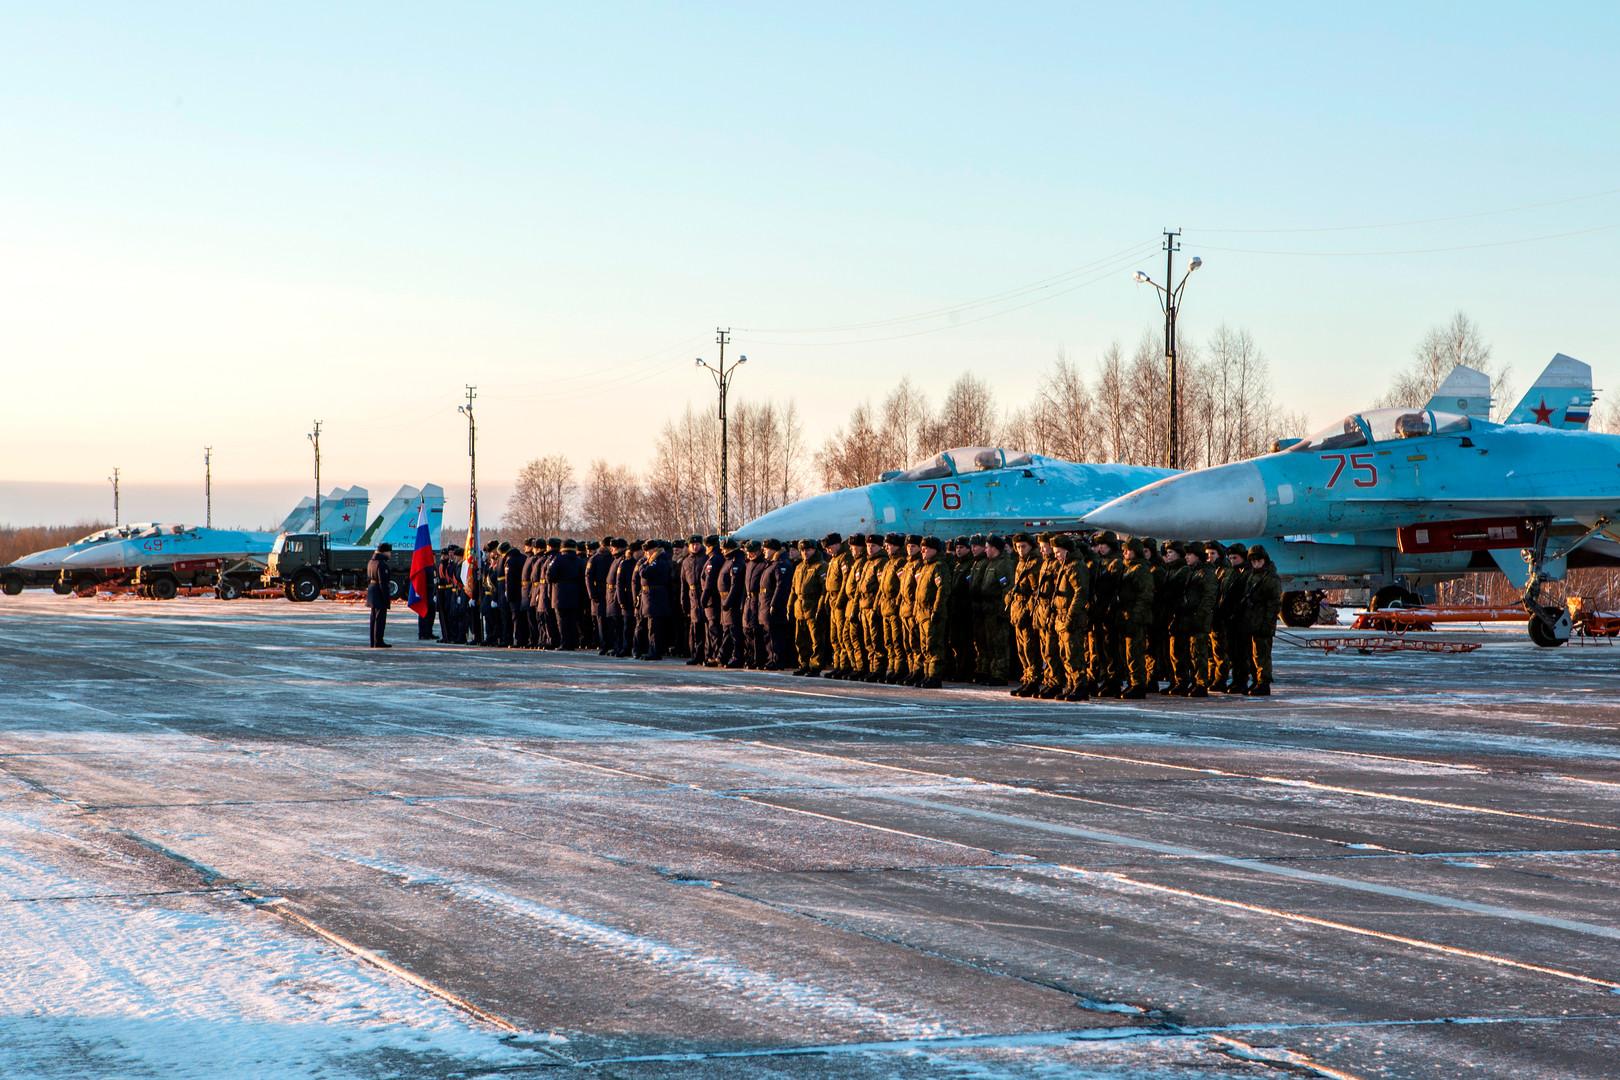 Su-35S: News - Page 22 5846c6a8c36188bc0e8b459d